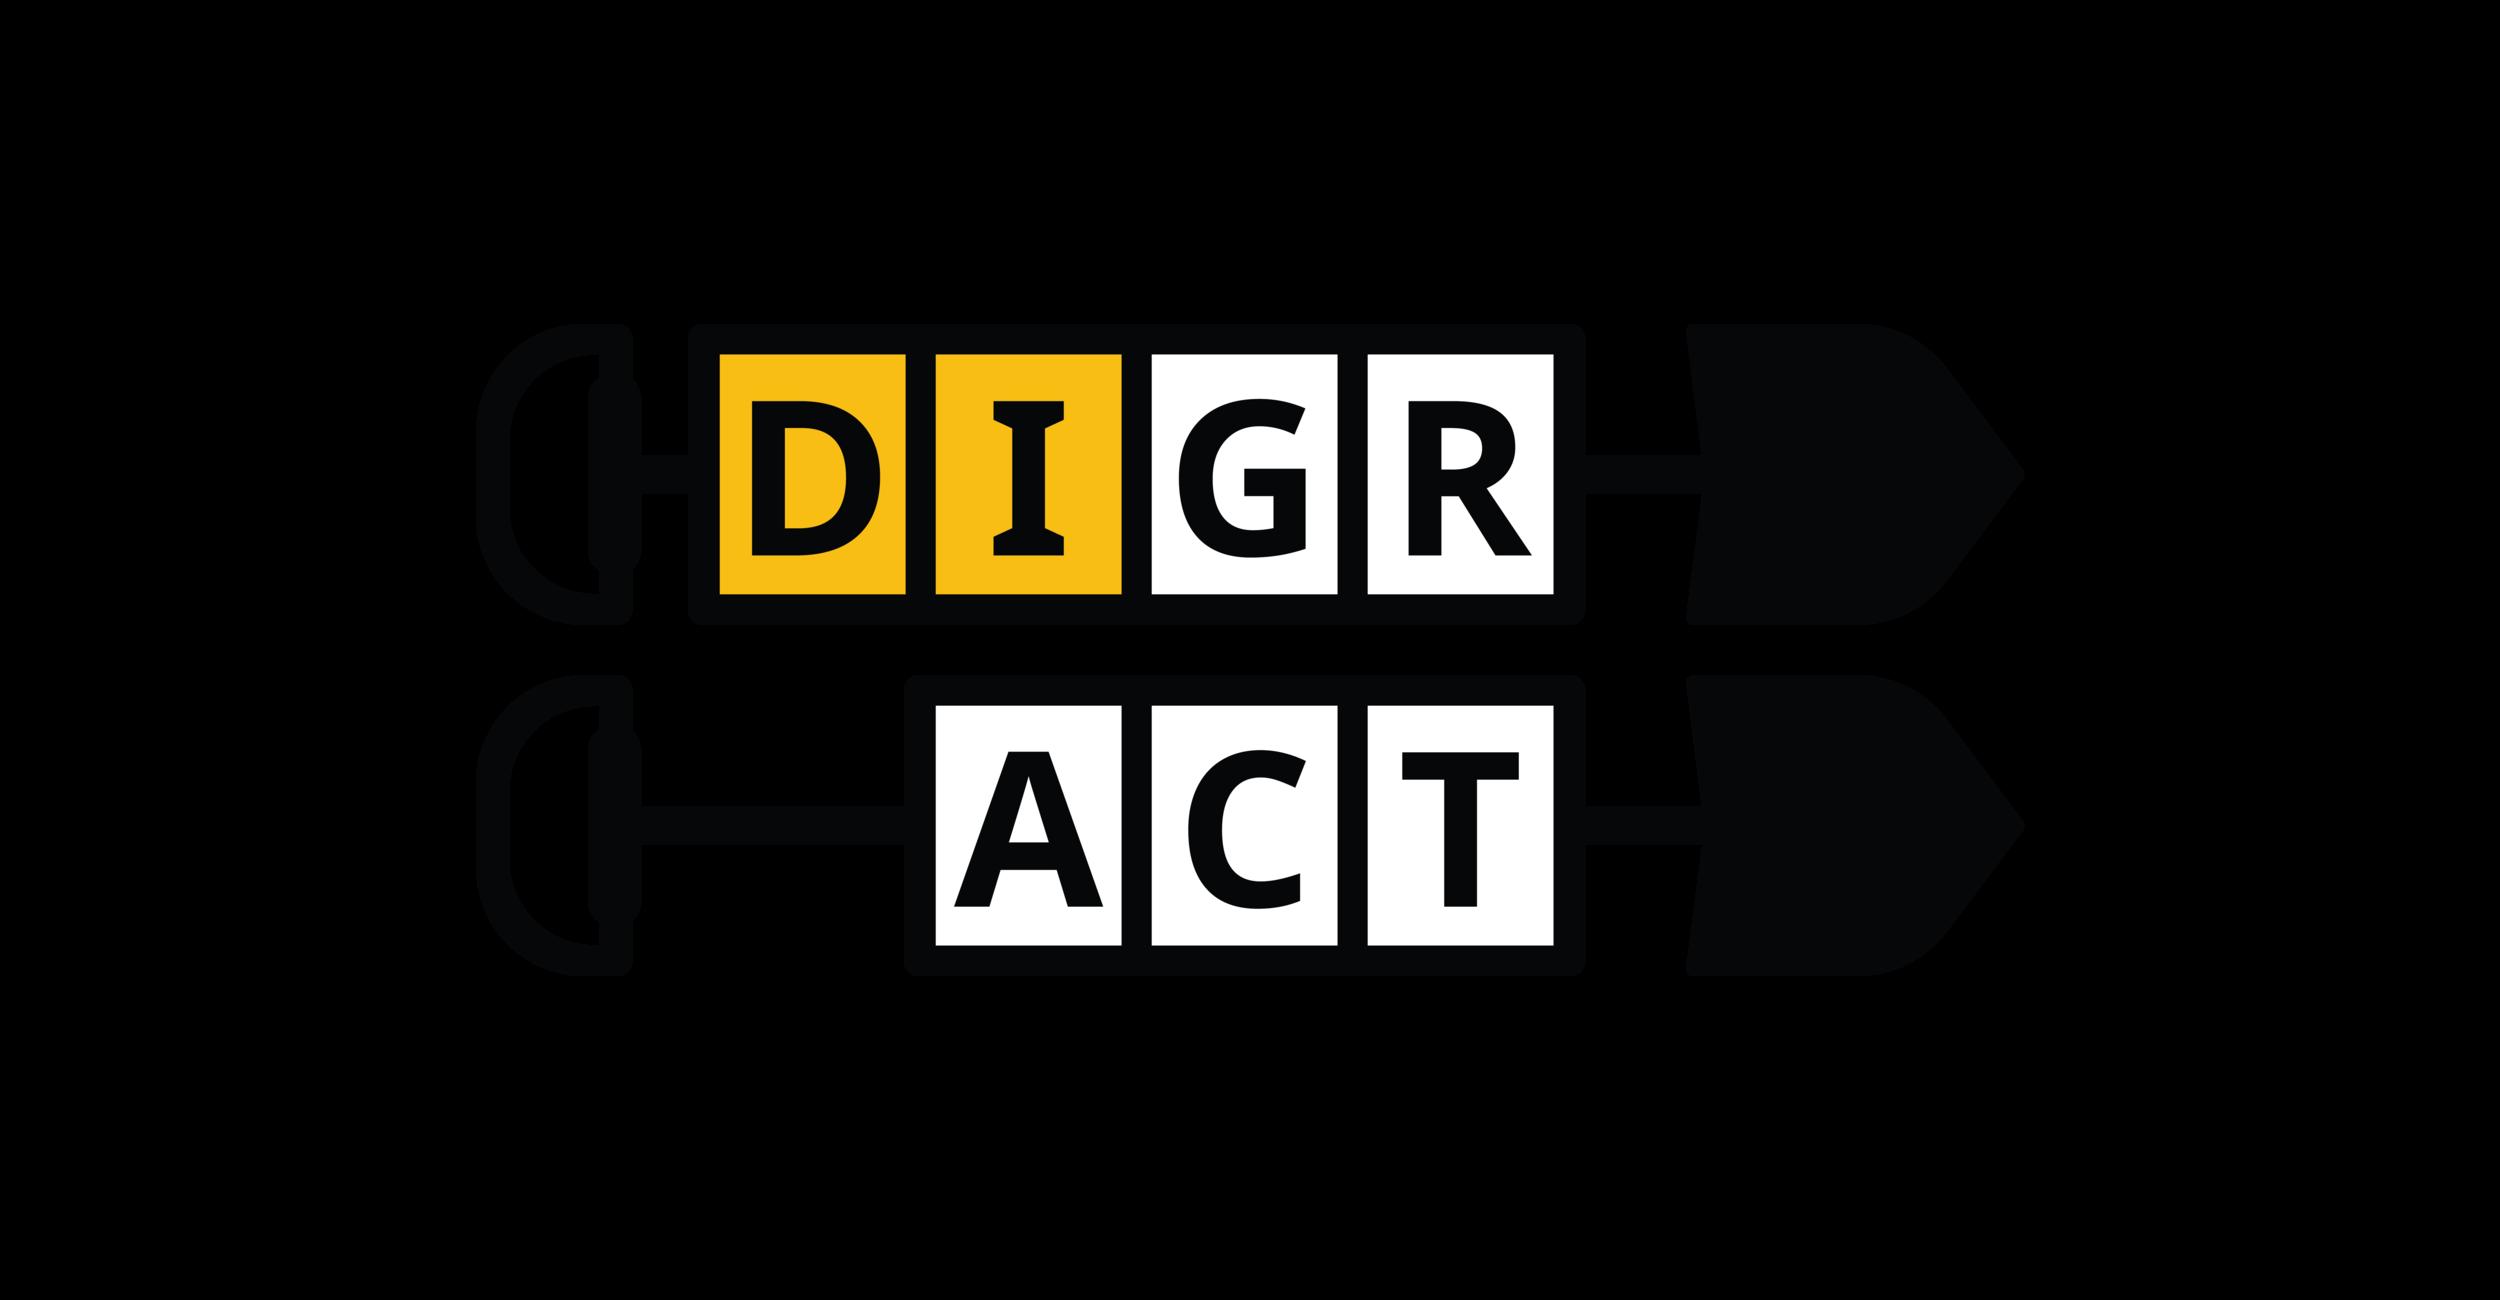 DIGR-ACT®